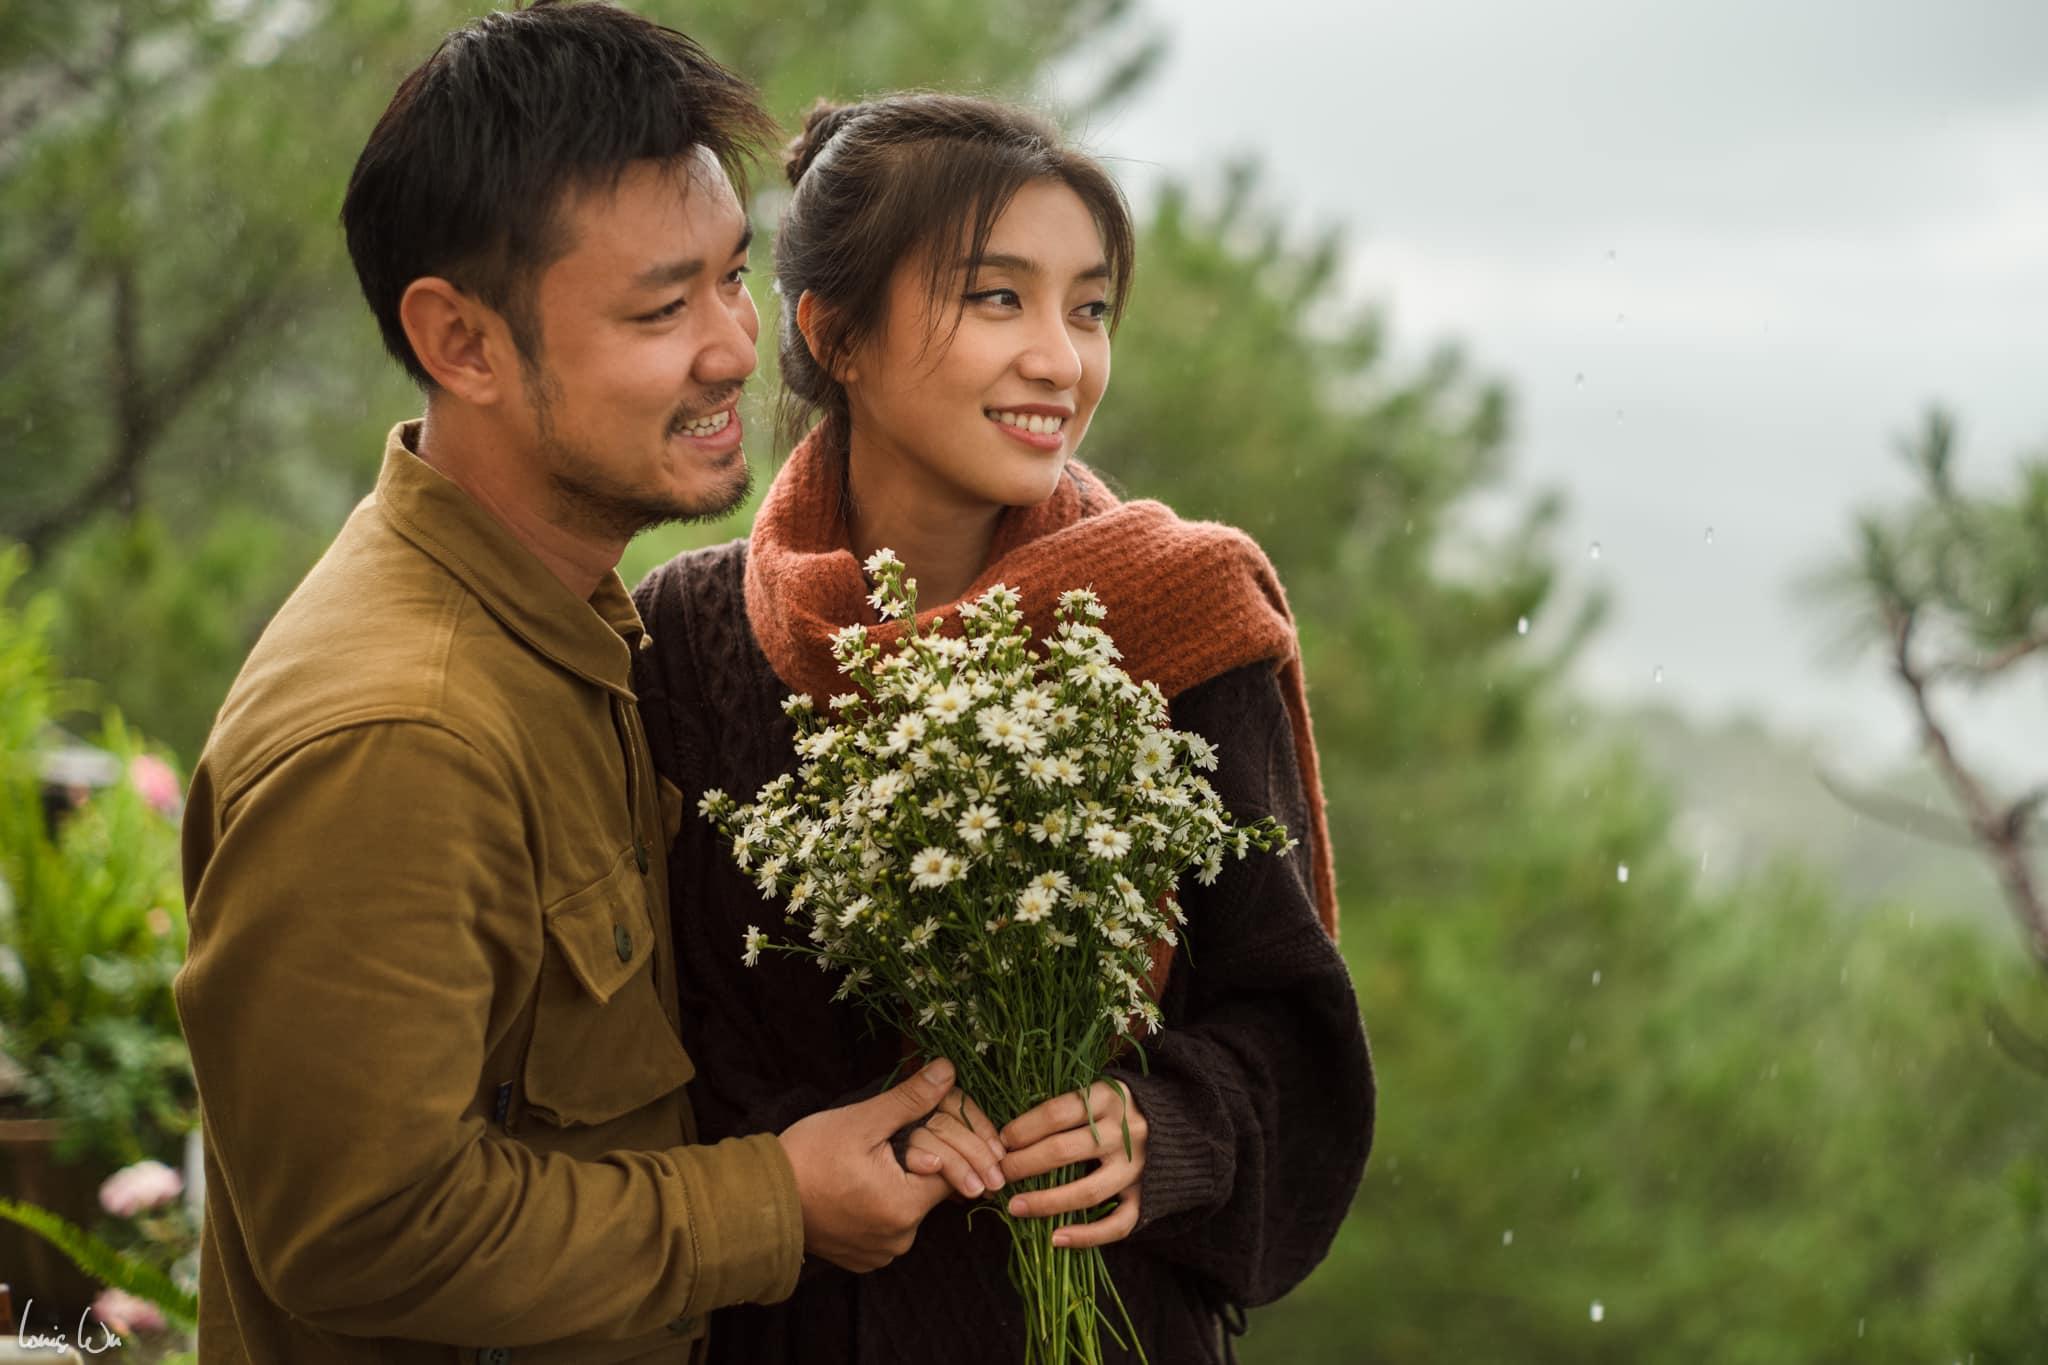 Cặp đôi quen nhau 3 năm rưỡi trước, trong một lần Vũ Mạnh Tuấn hợp tác chụp ảnh Tiêu Châu Như Quỳnh cho một tạo chí. Cảm mến đối phương, cả hai bắt đầu tìm hiểu tình cảm và gắn bó đến hiện tại.